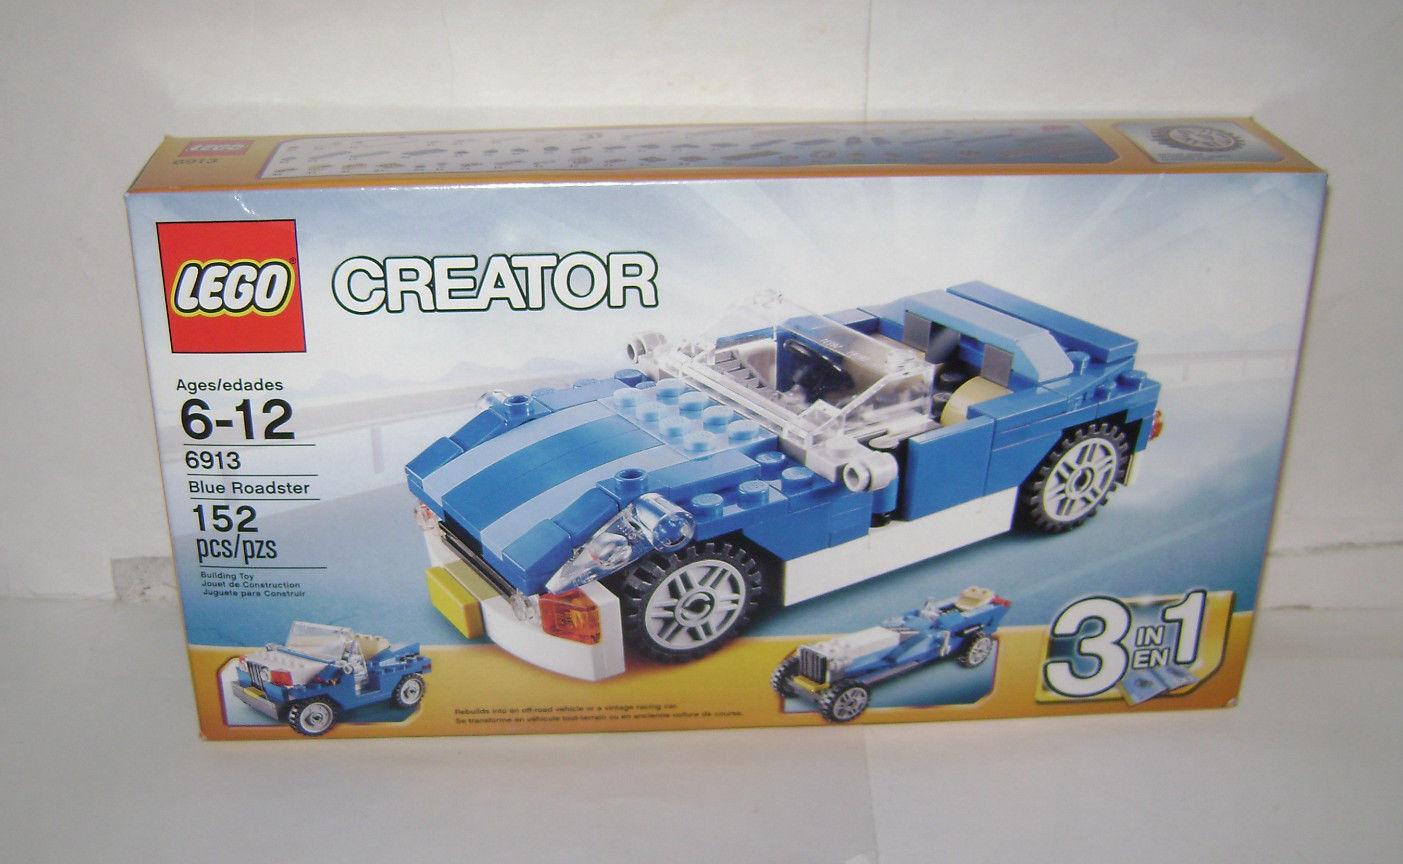 nuovo 6913 Lego CREATOR blu stradaster 3 in 1 costruzione giocattolo SEALED scatola RETIrosso A